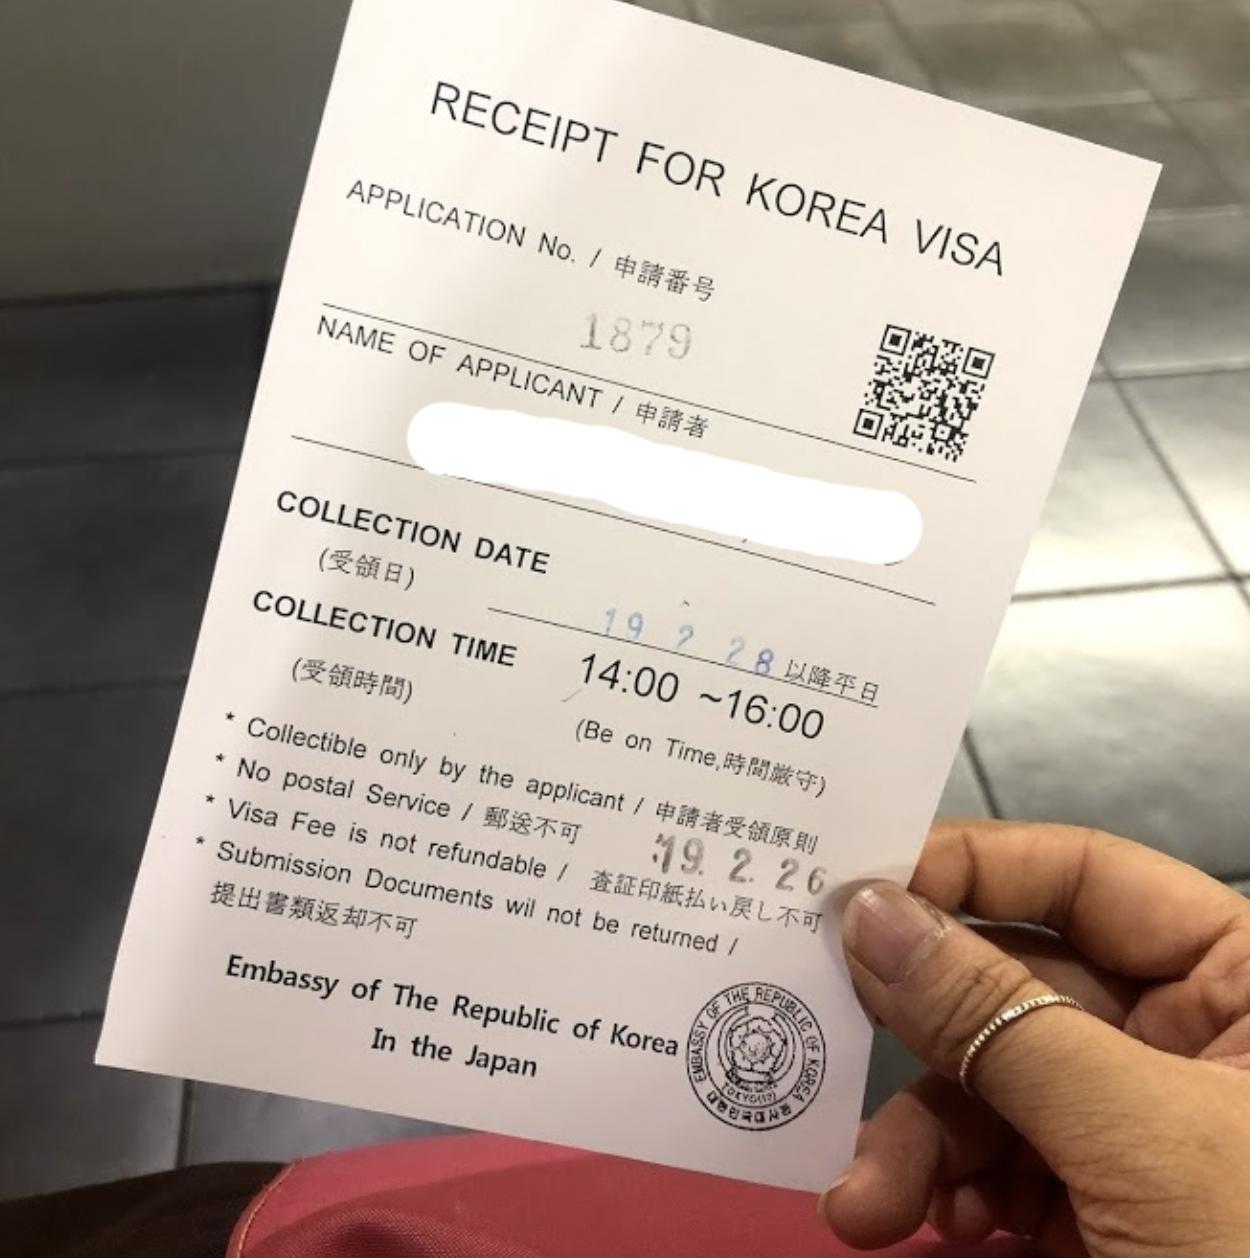 【韓国レポート連載vol.7】韓国ワーホリ、私はこうやって行きました。費用や方法を紹介!~準備編~